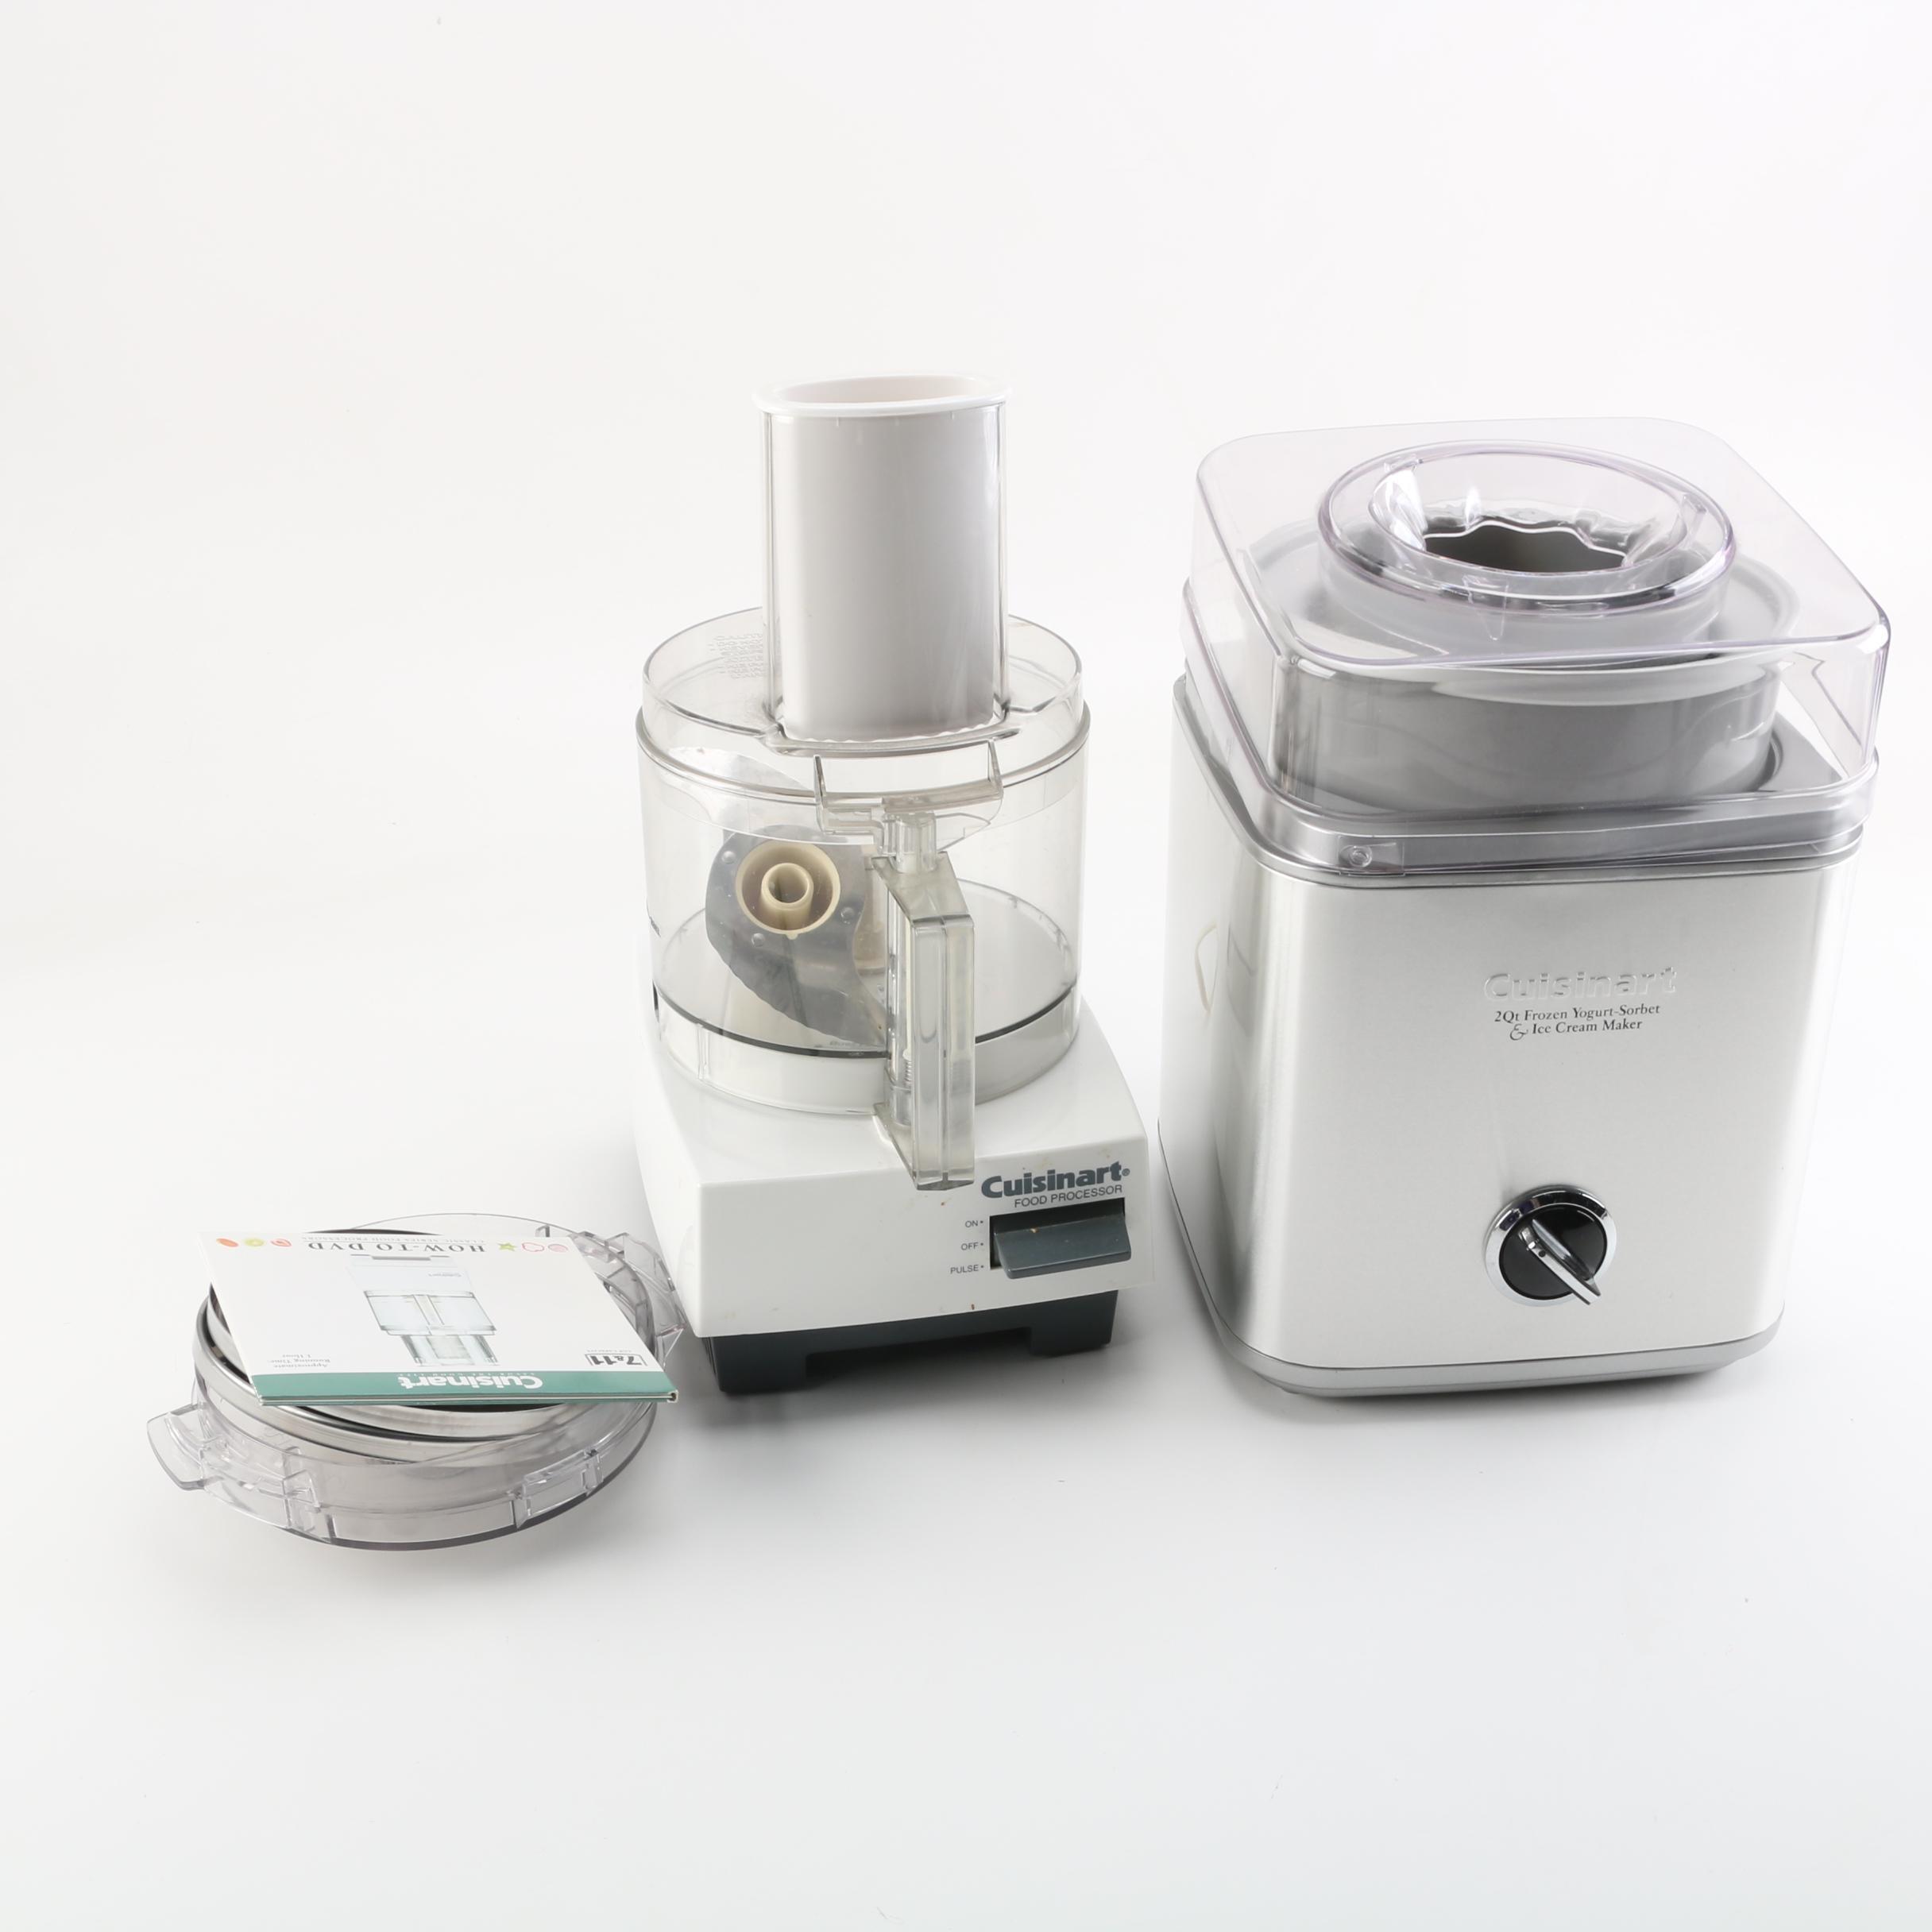 Cuisinart Food Processor and Frozen Yogurt-Sorbet & Ice Cream Maker